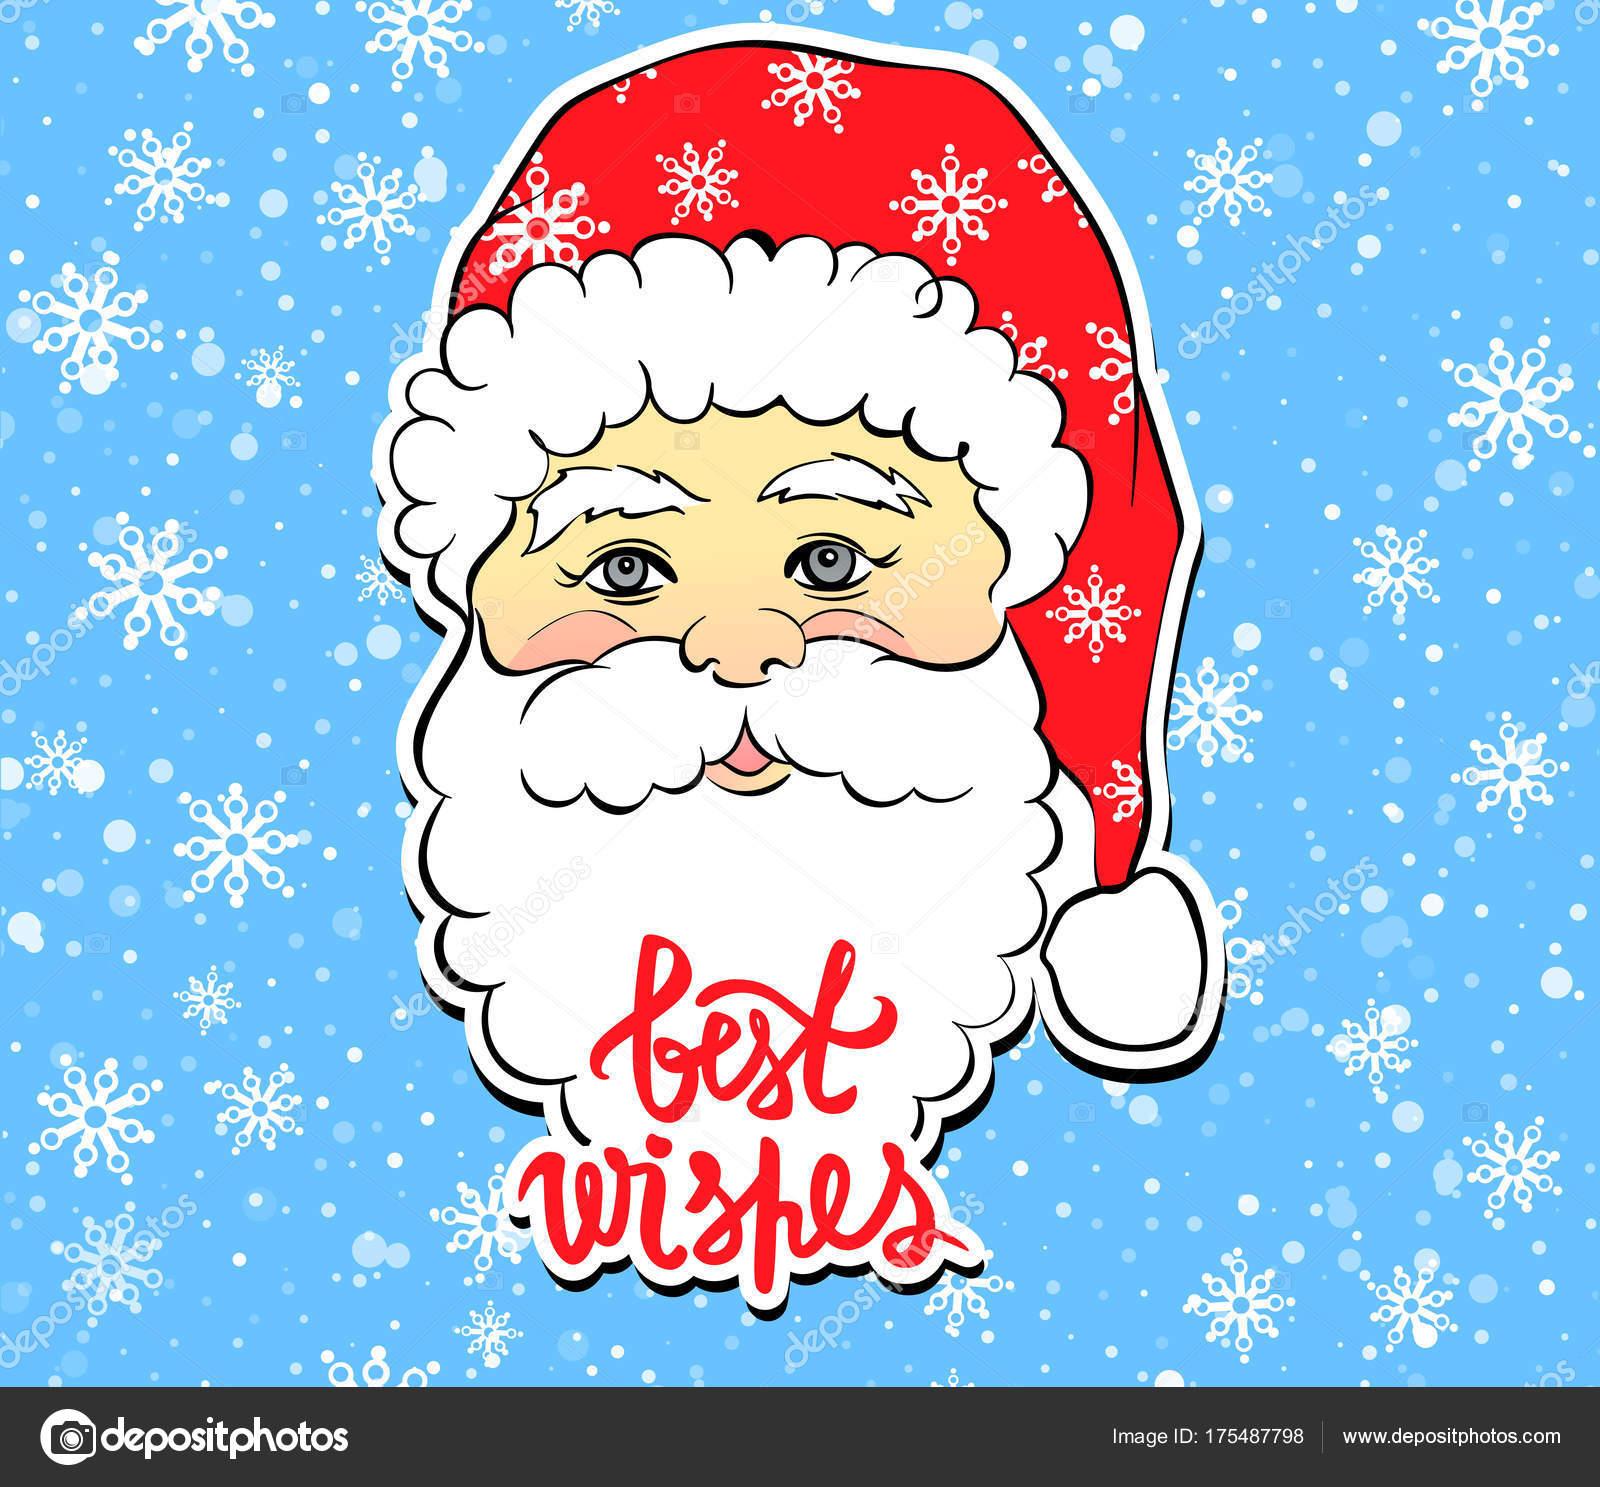 Vektor-Illustration Cartoon Weihnachtsmann mit besten Wünschen lett ...